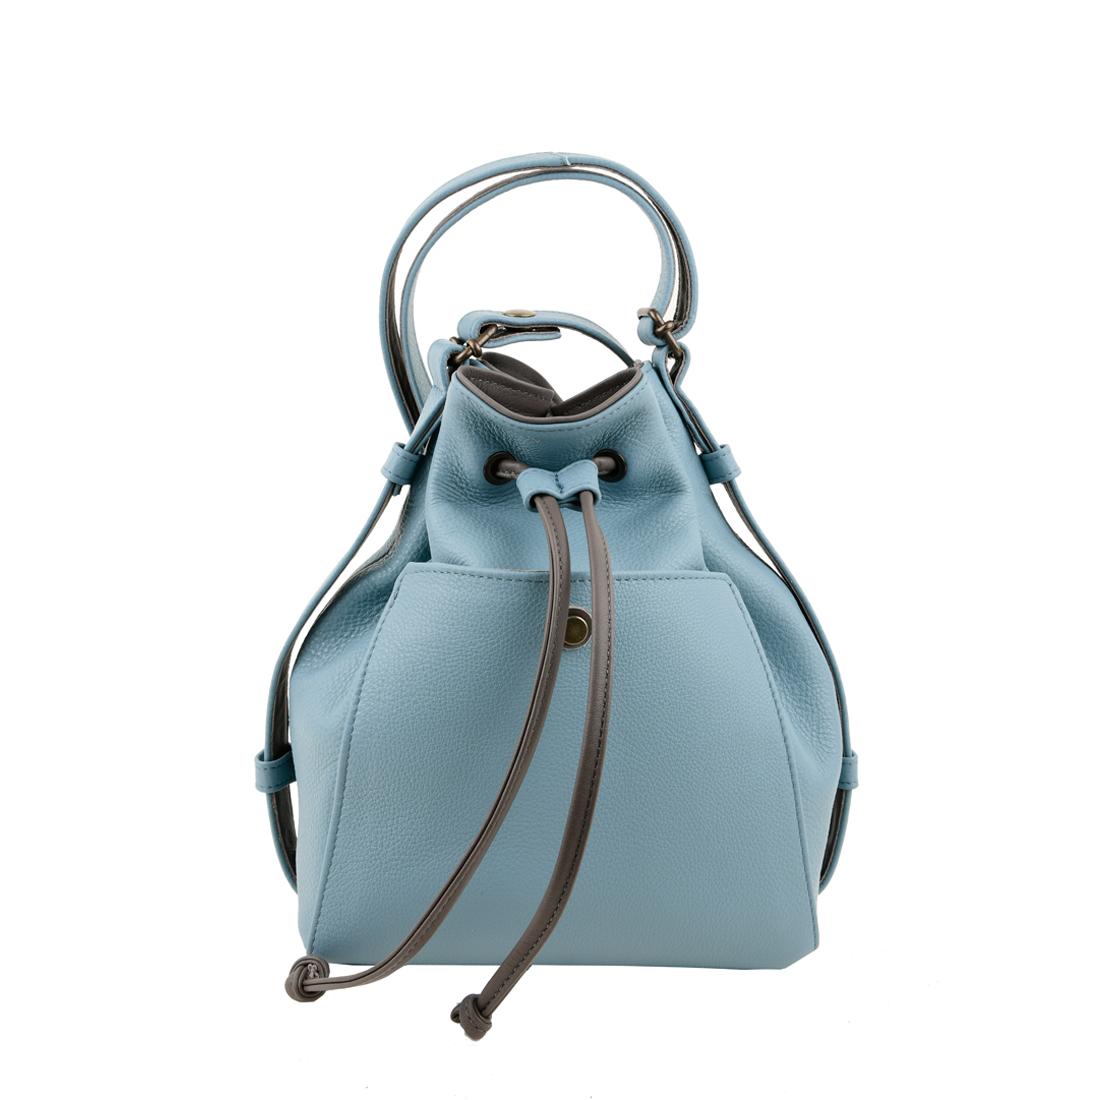 Jenny niagra across body leather bag